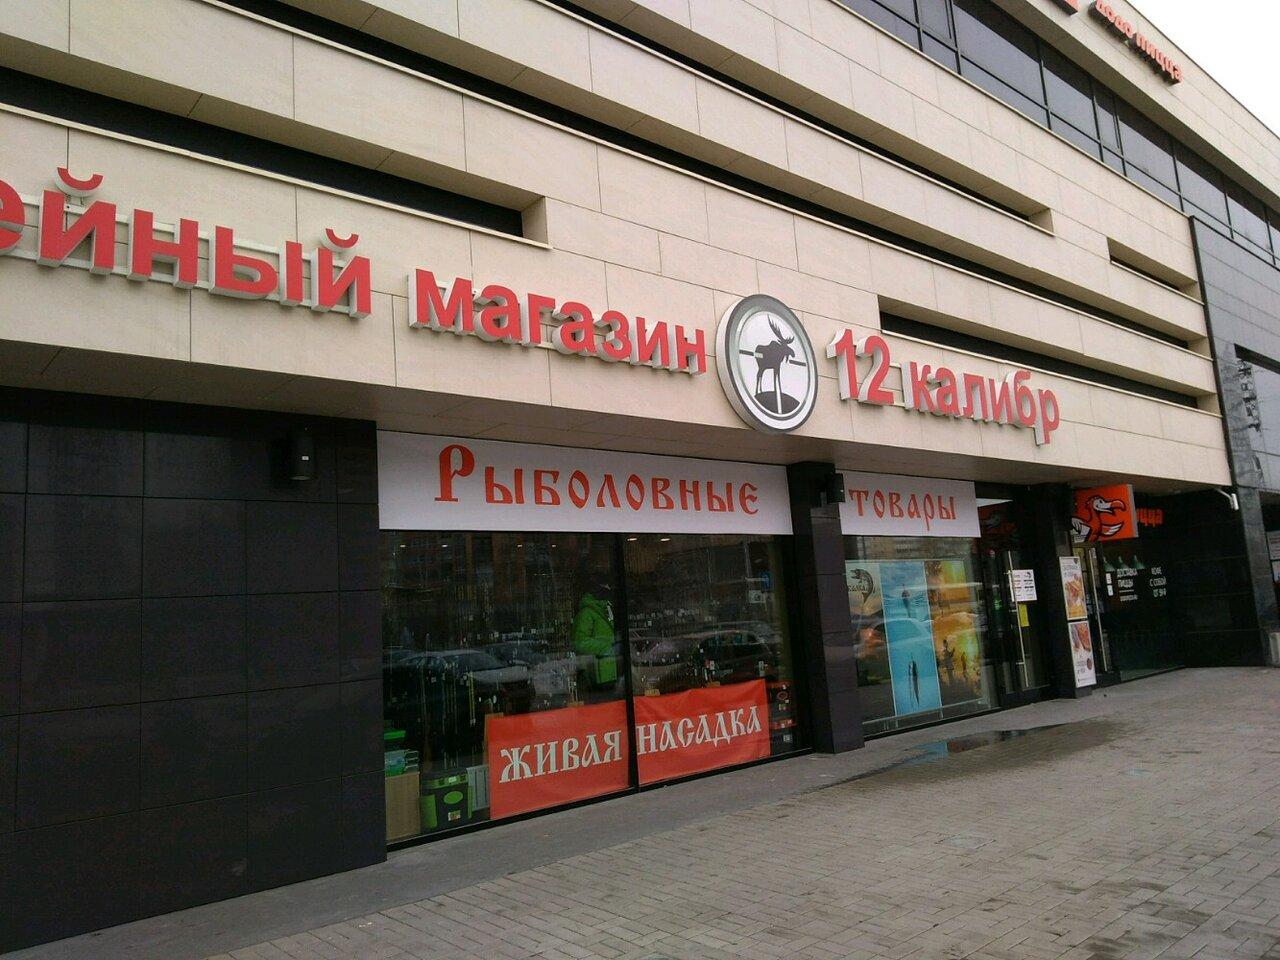 12 Калибр Екатеринбург Интернет Магазин